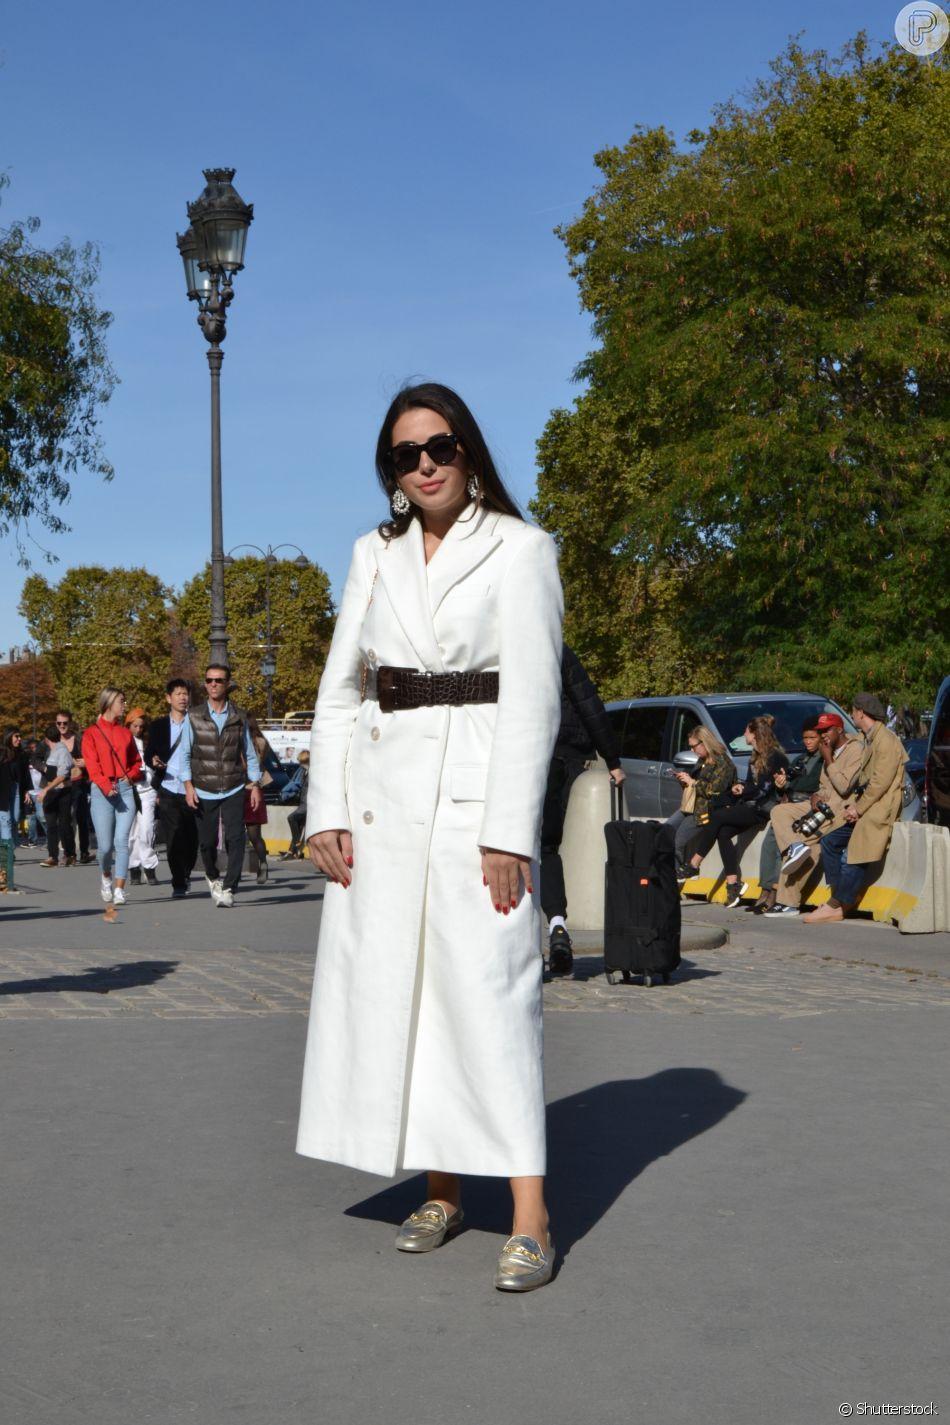 Sobretudo também funciona como vestido longo com direito a cinto para marcar a cintura